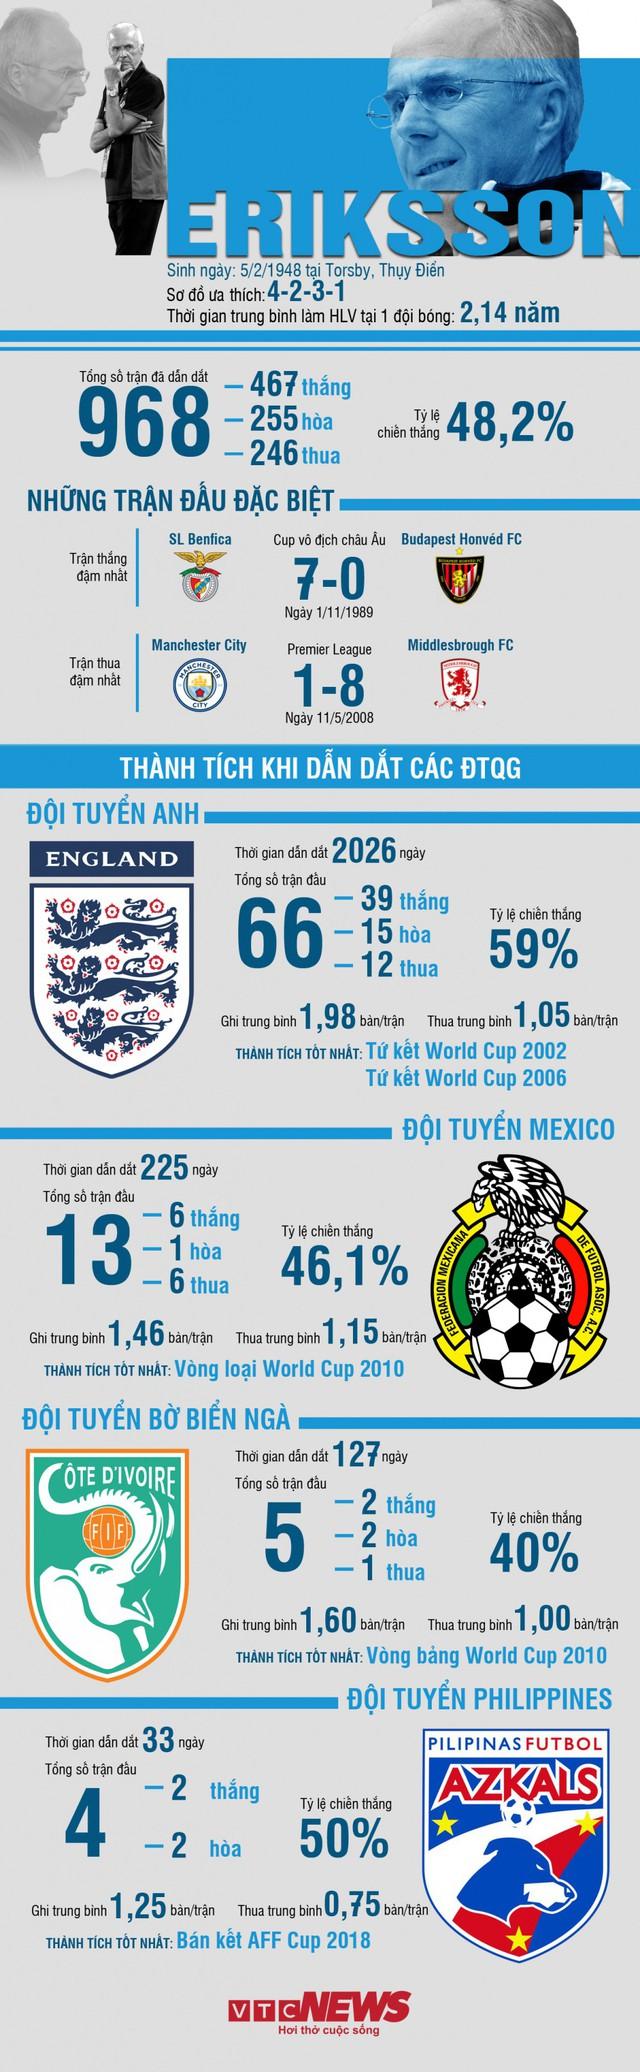 Infographic: Thống kê đặc biệt của HLV Eriksson trước cuộc đối đầu Park Hang Seo - Ảnh 1.